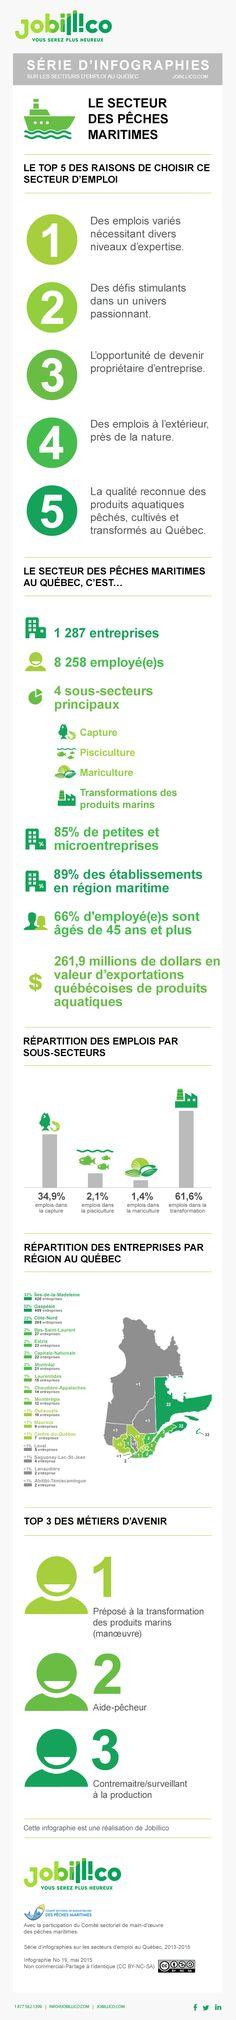 #Infographie : Les chiffes de l'emploi dans le secteur des pêches maritimes au Québec #Qc